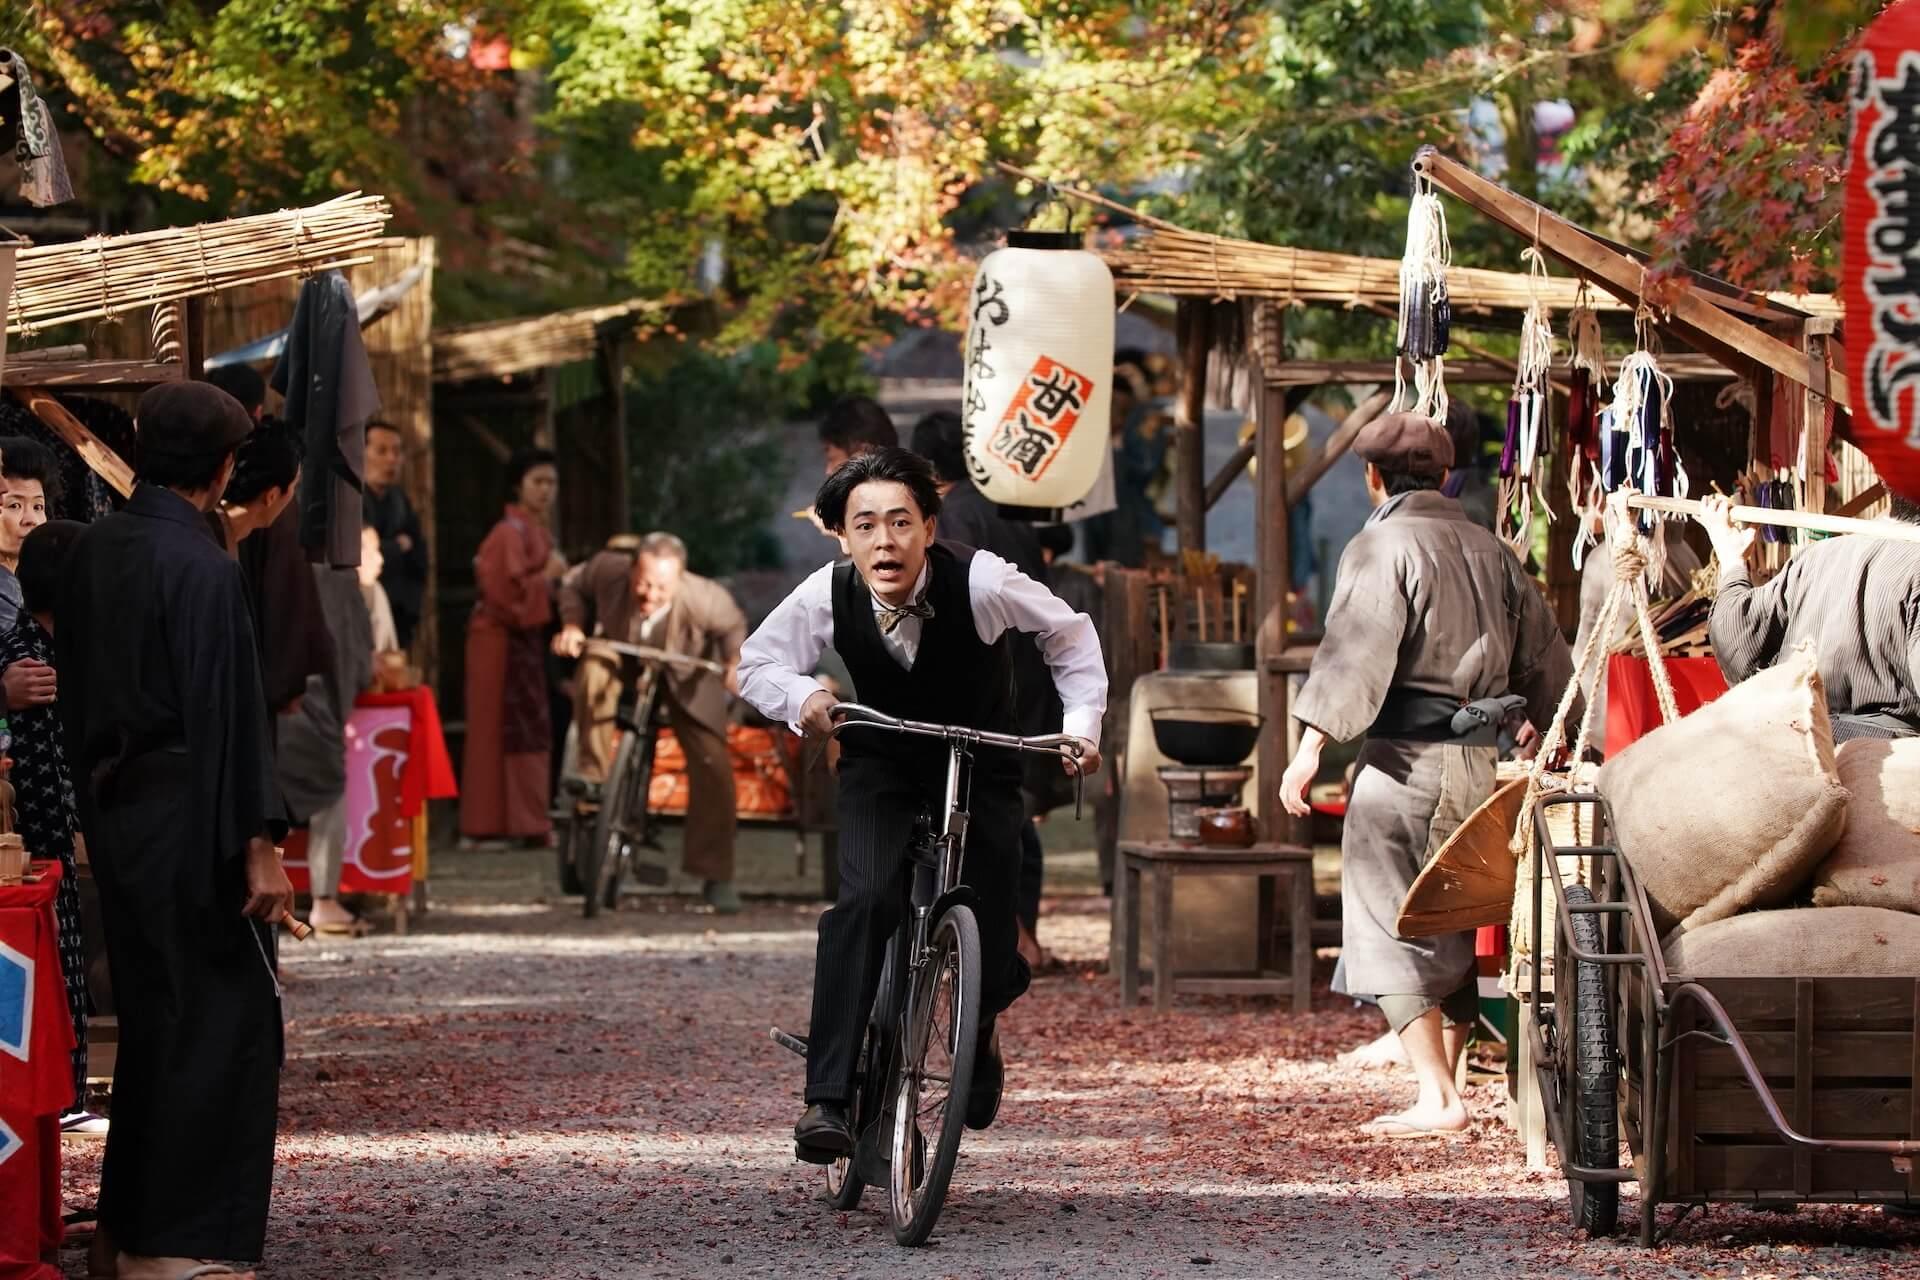 『となりのトトロ』が劇場に帰ってくる!<映画のまち調布 シネマフェスティバル2021>開催で人気作品が上映決定 film201201_chofu_eiga_6